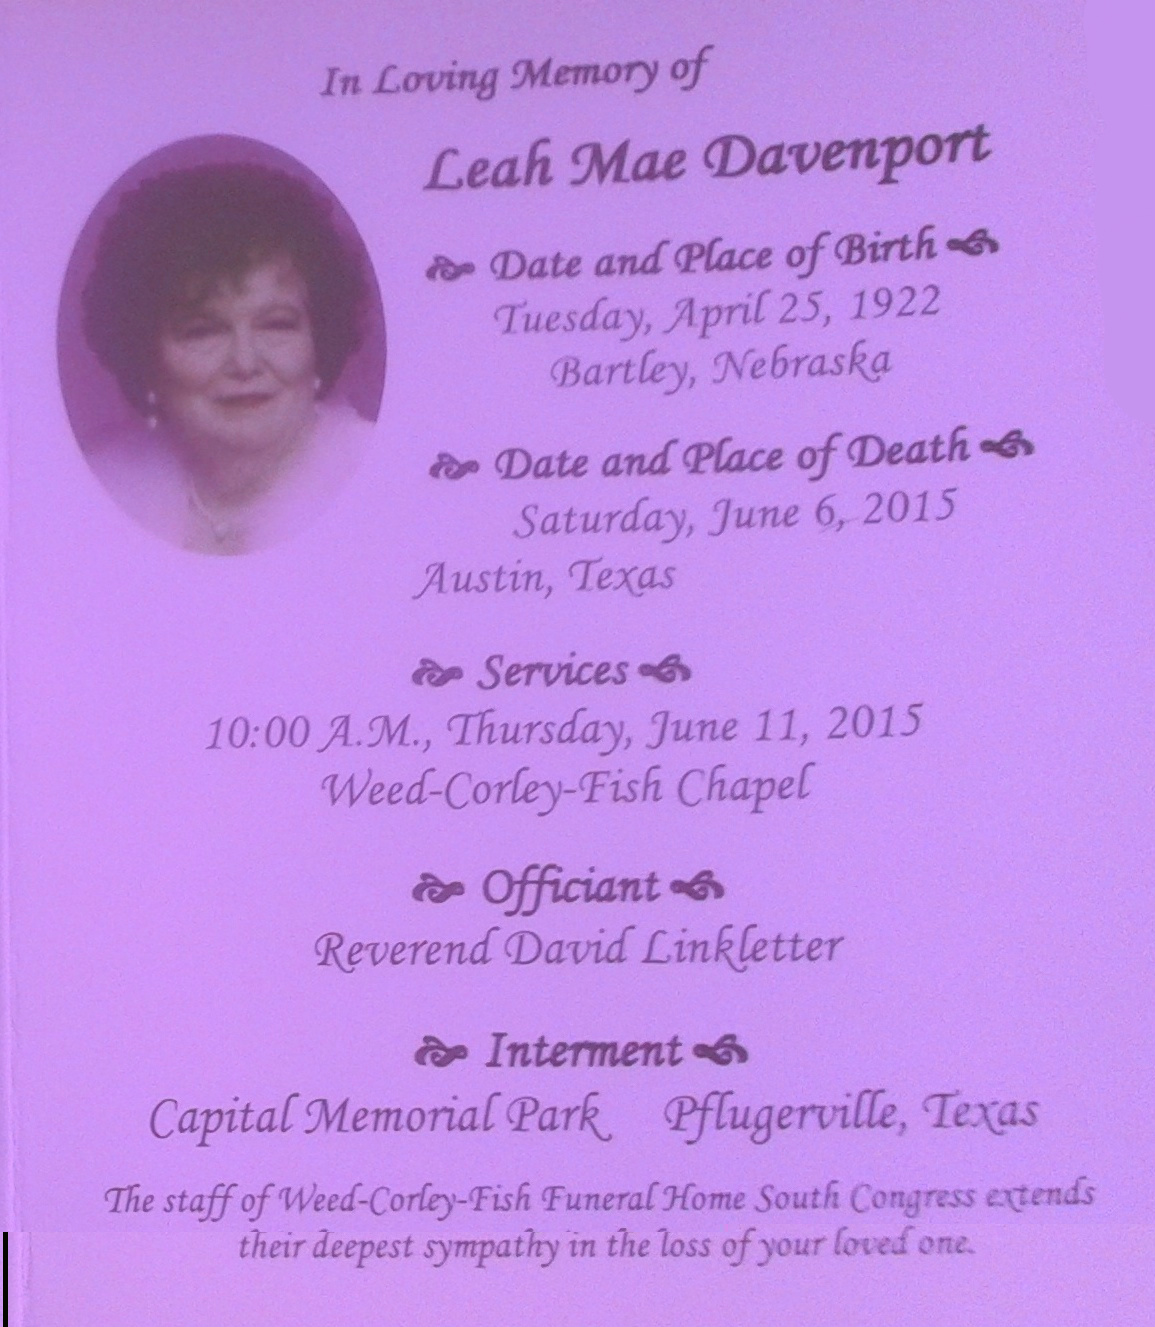 Leah Mae Guthrie Davenport